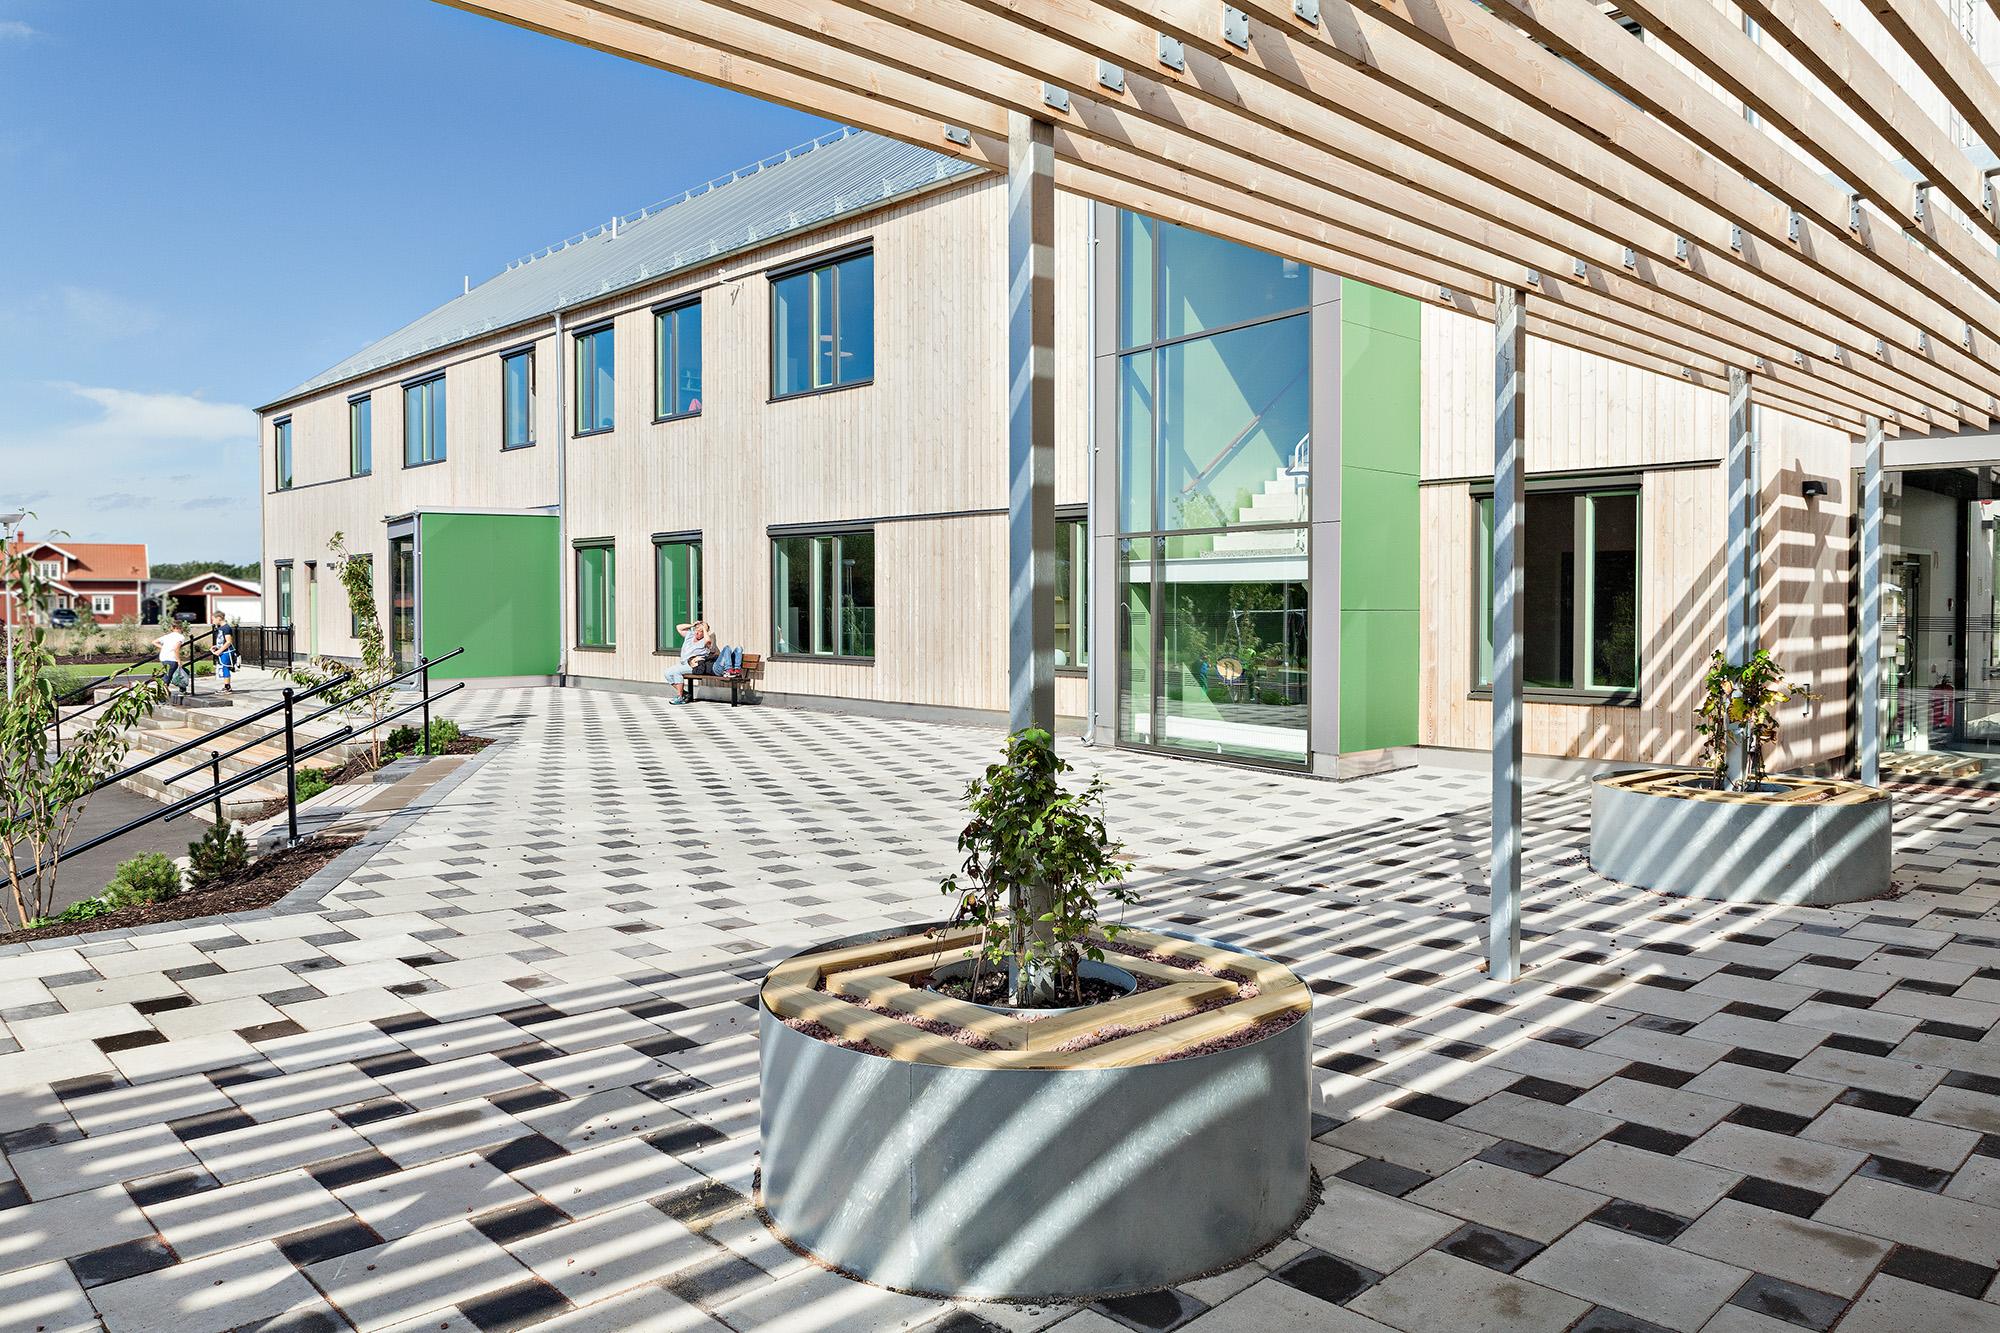 Smaragdskolan